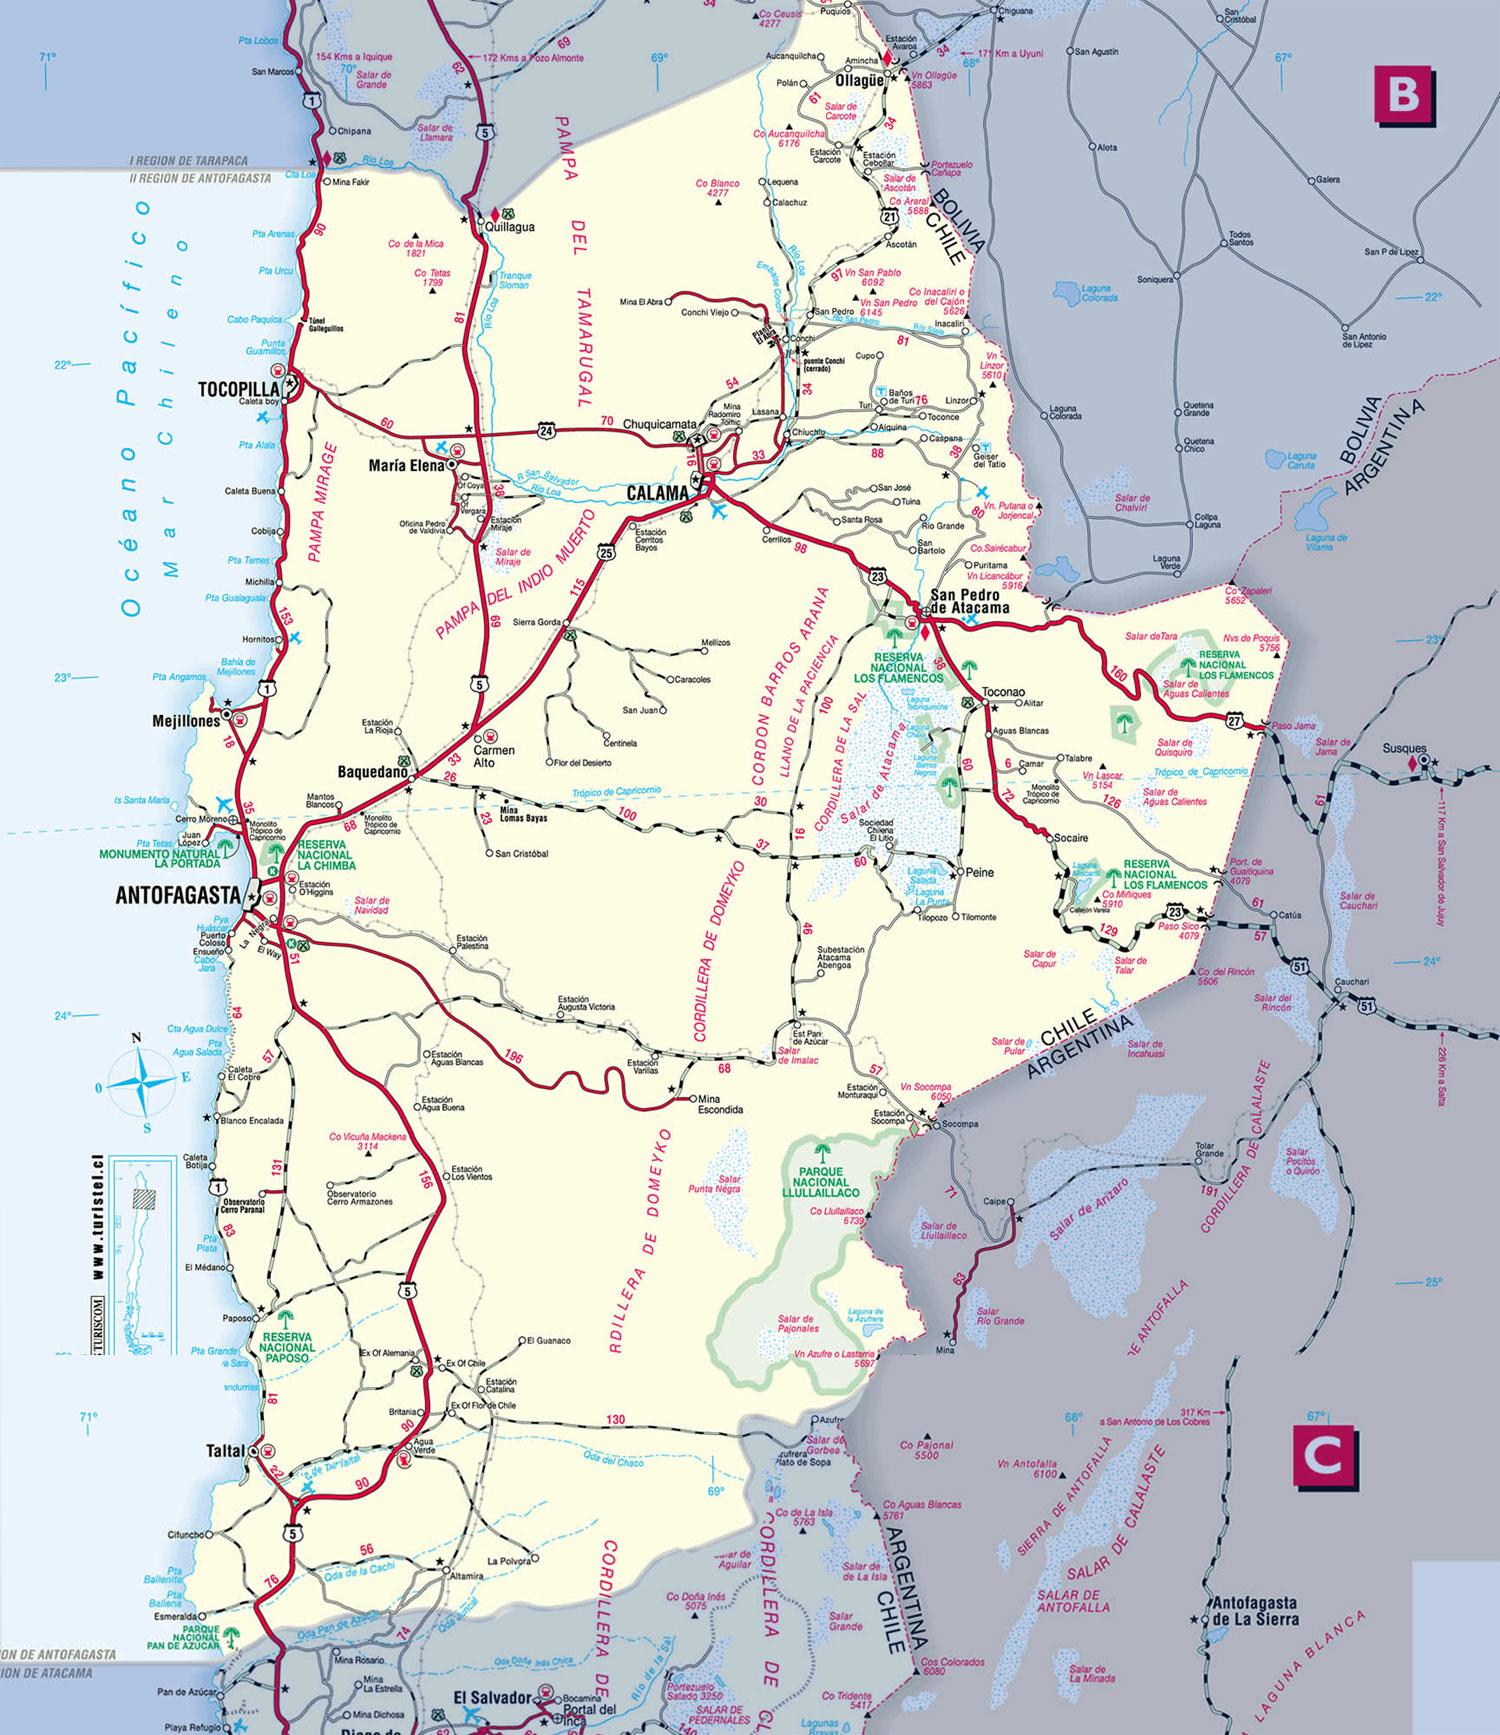 II region- Antofagasta-San Pedro